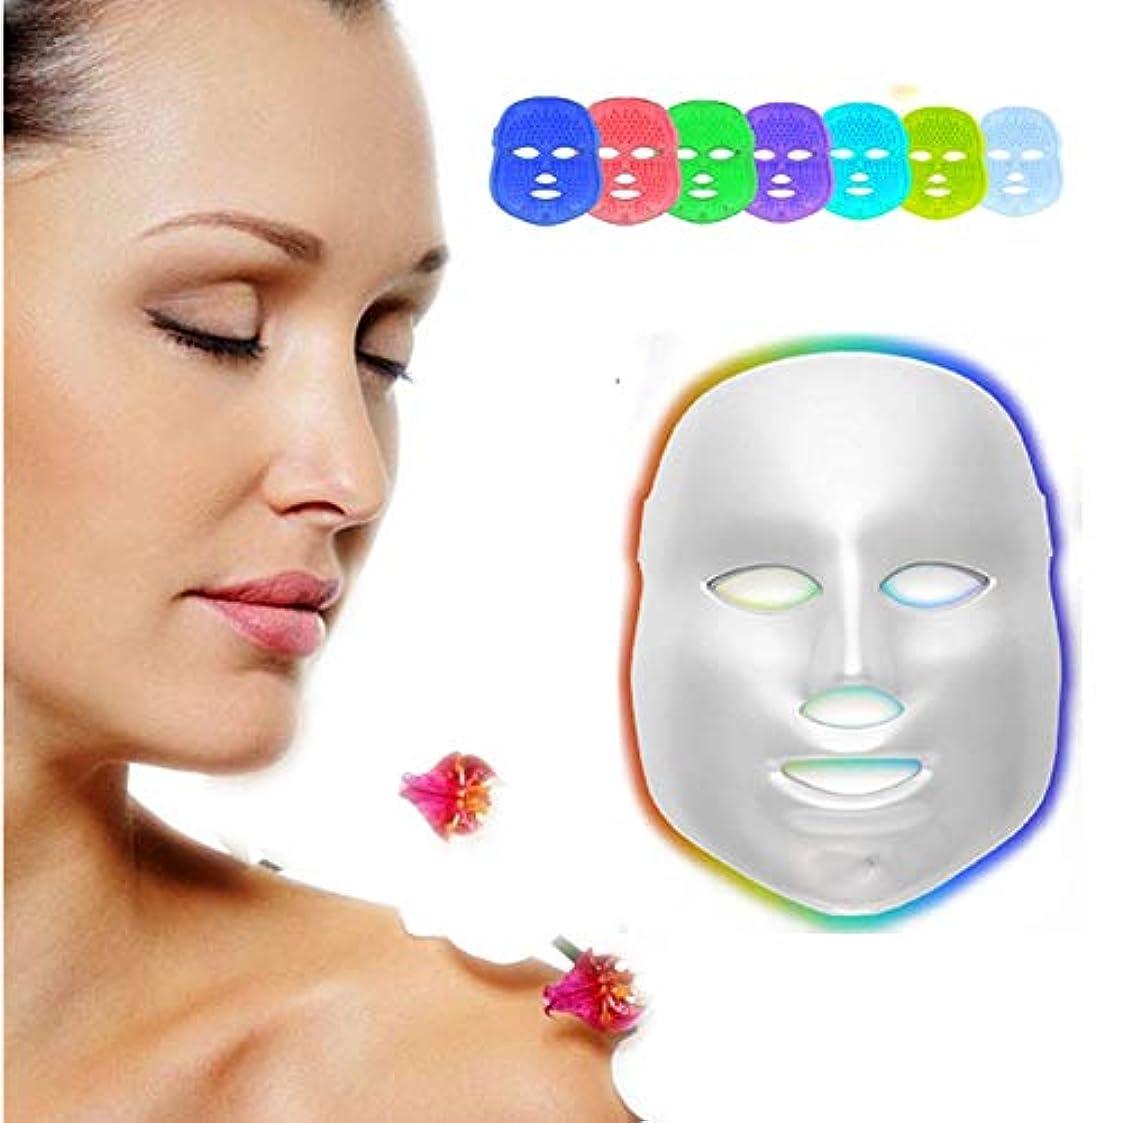 見捨てられた質量ピアニストLEDPhōton療法7色光治療マスク美容機器肌の若返りタイトにきびスポット分解メラニンしわホワイトニングフェイシャル